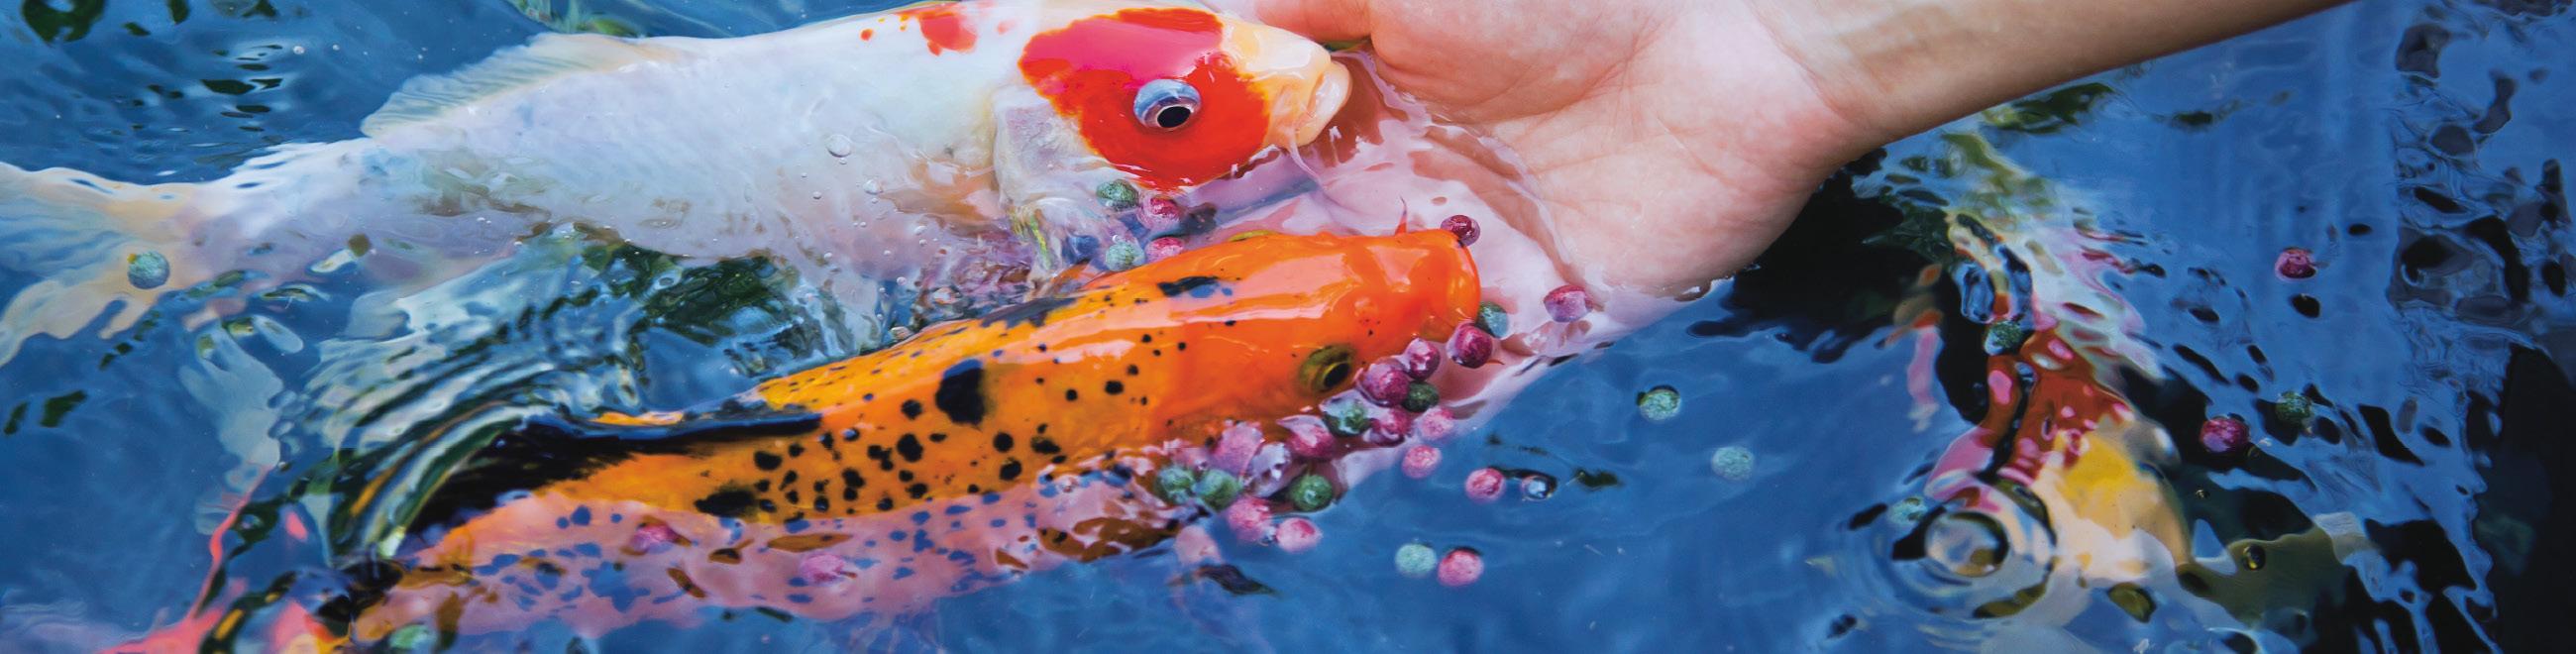 Welches Futter Gebe Ich Meinen Fischen Velda Teichspezialist